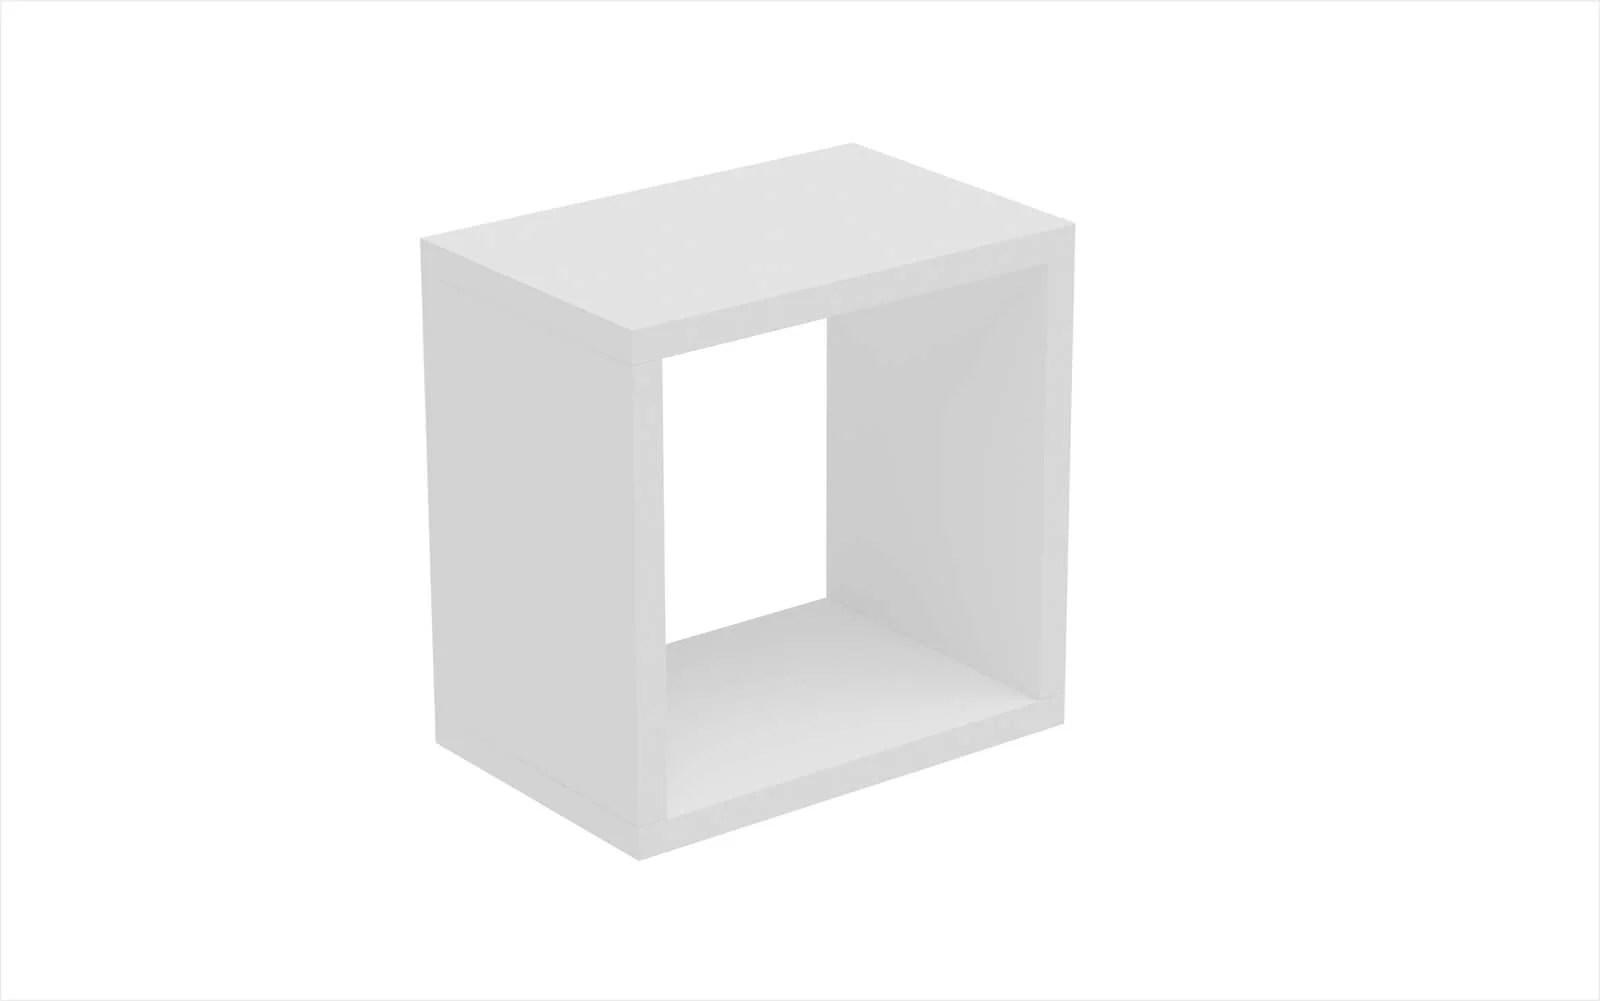 Fullsize Of Square Floating Shelves